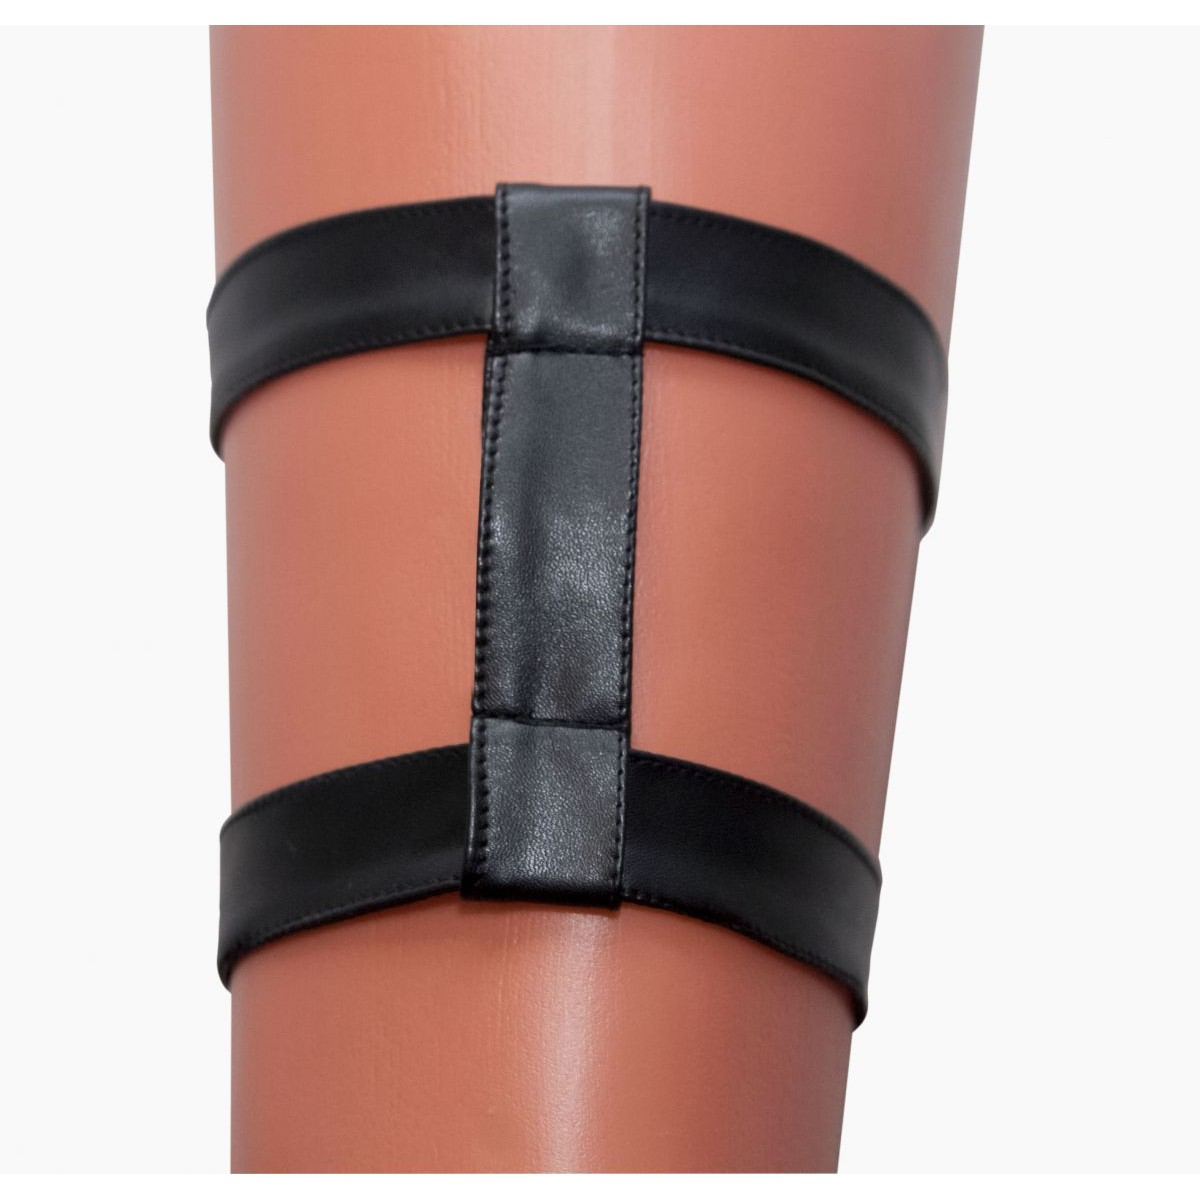 Фото Двойная кожаная подвязка на ногу